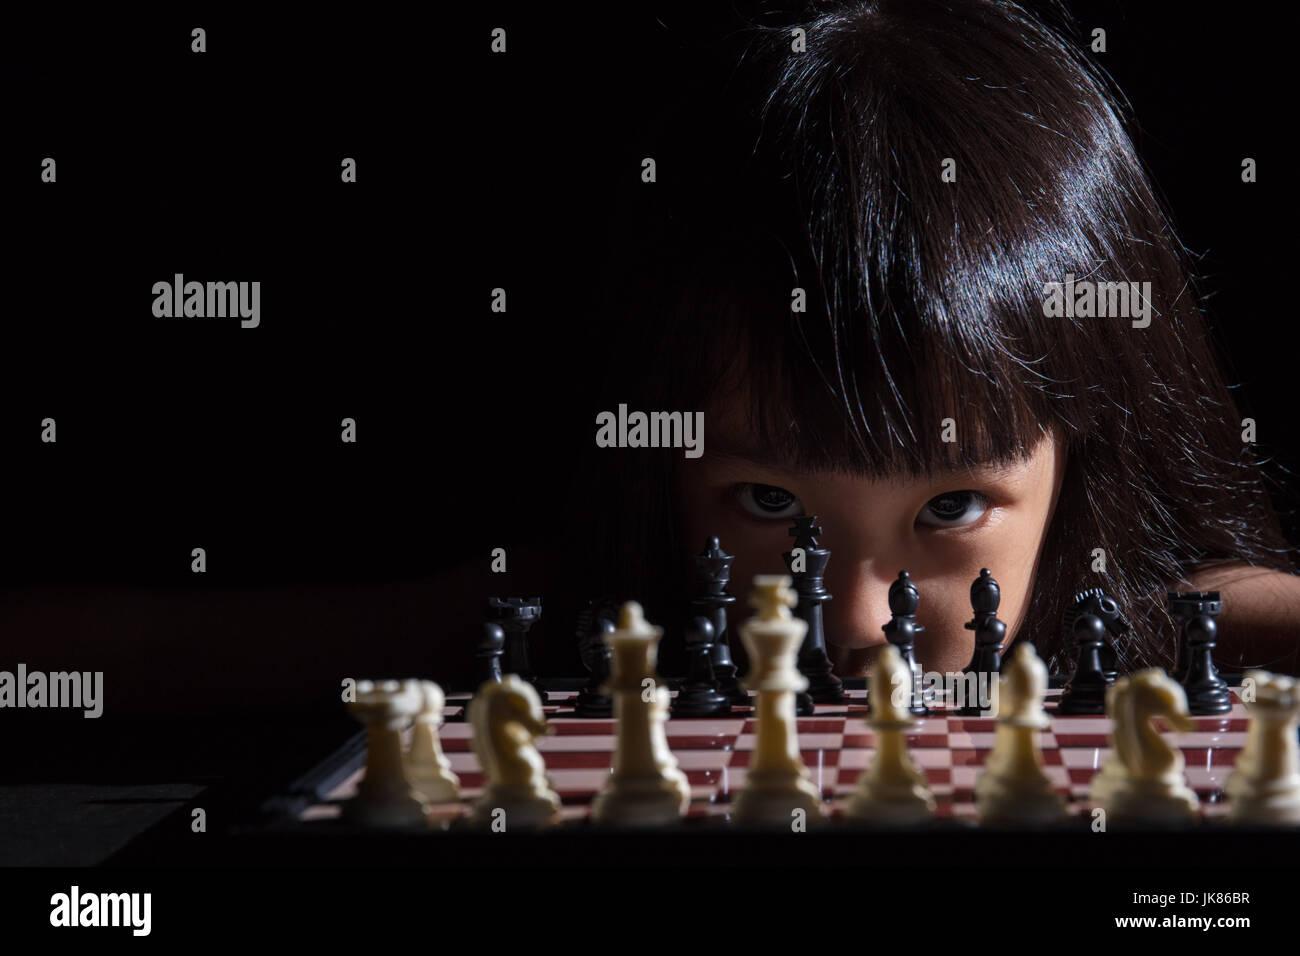 Niña China Asia jugando ajedrez aisladas en fondo negro Foto de stock